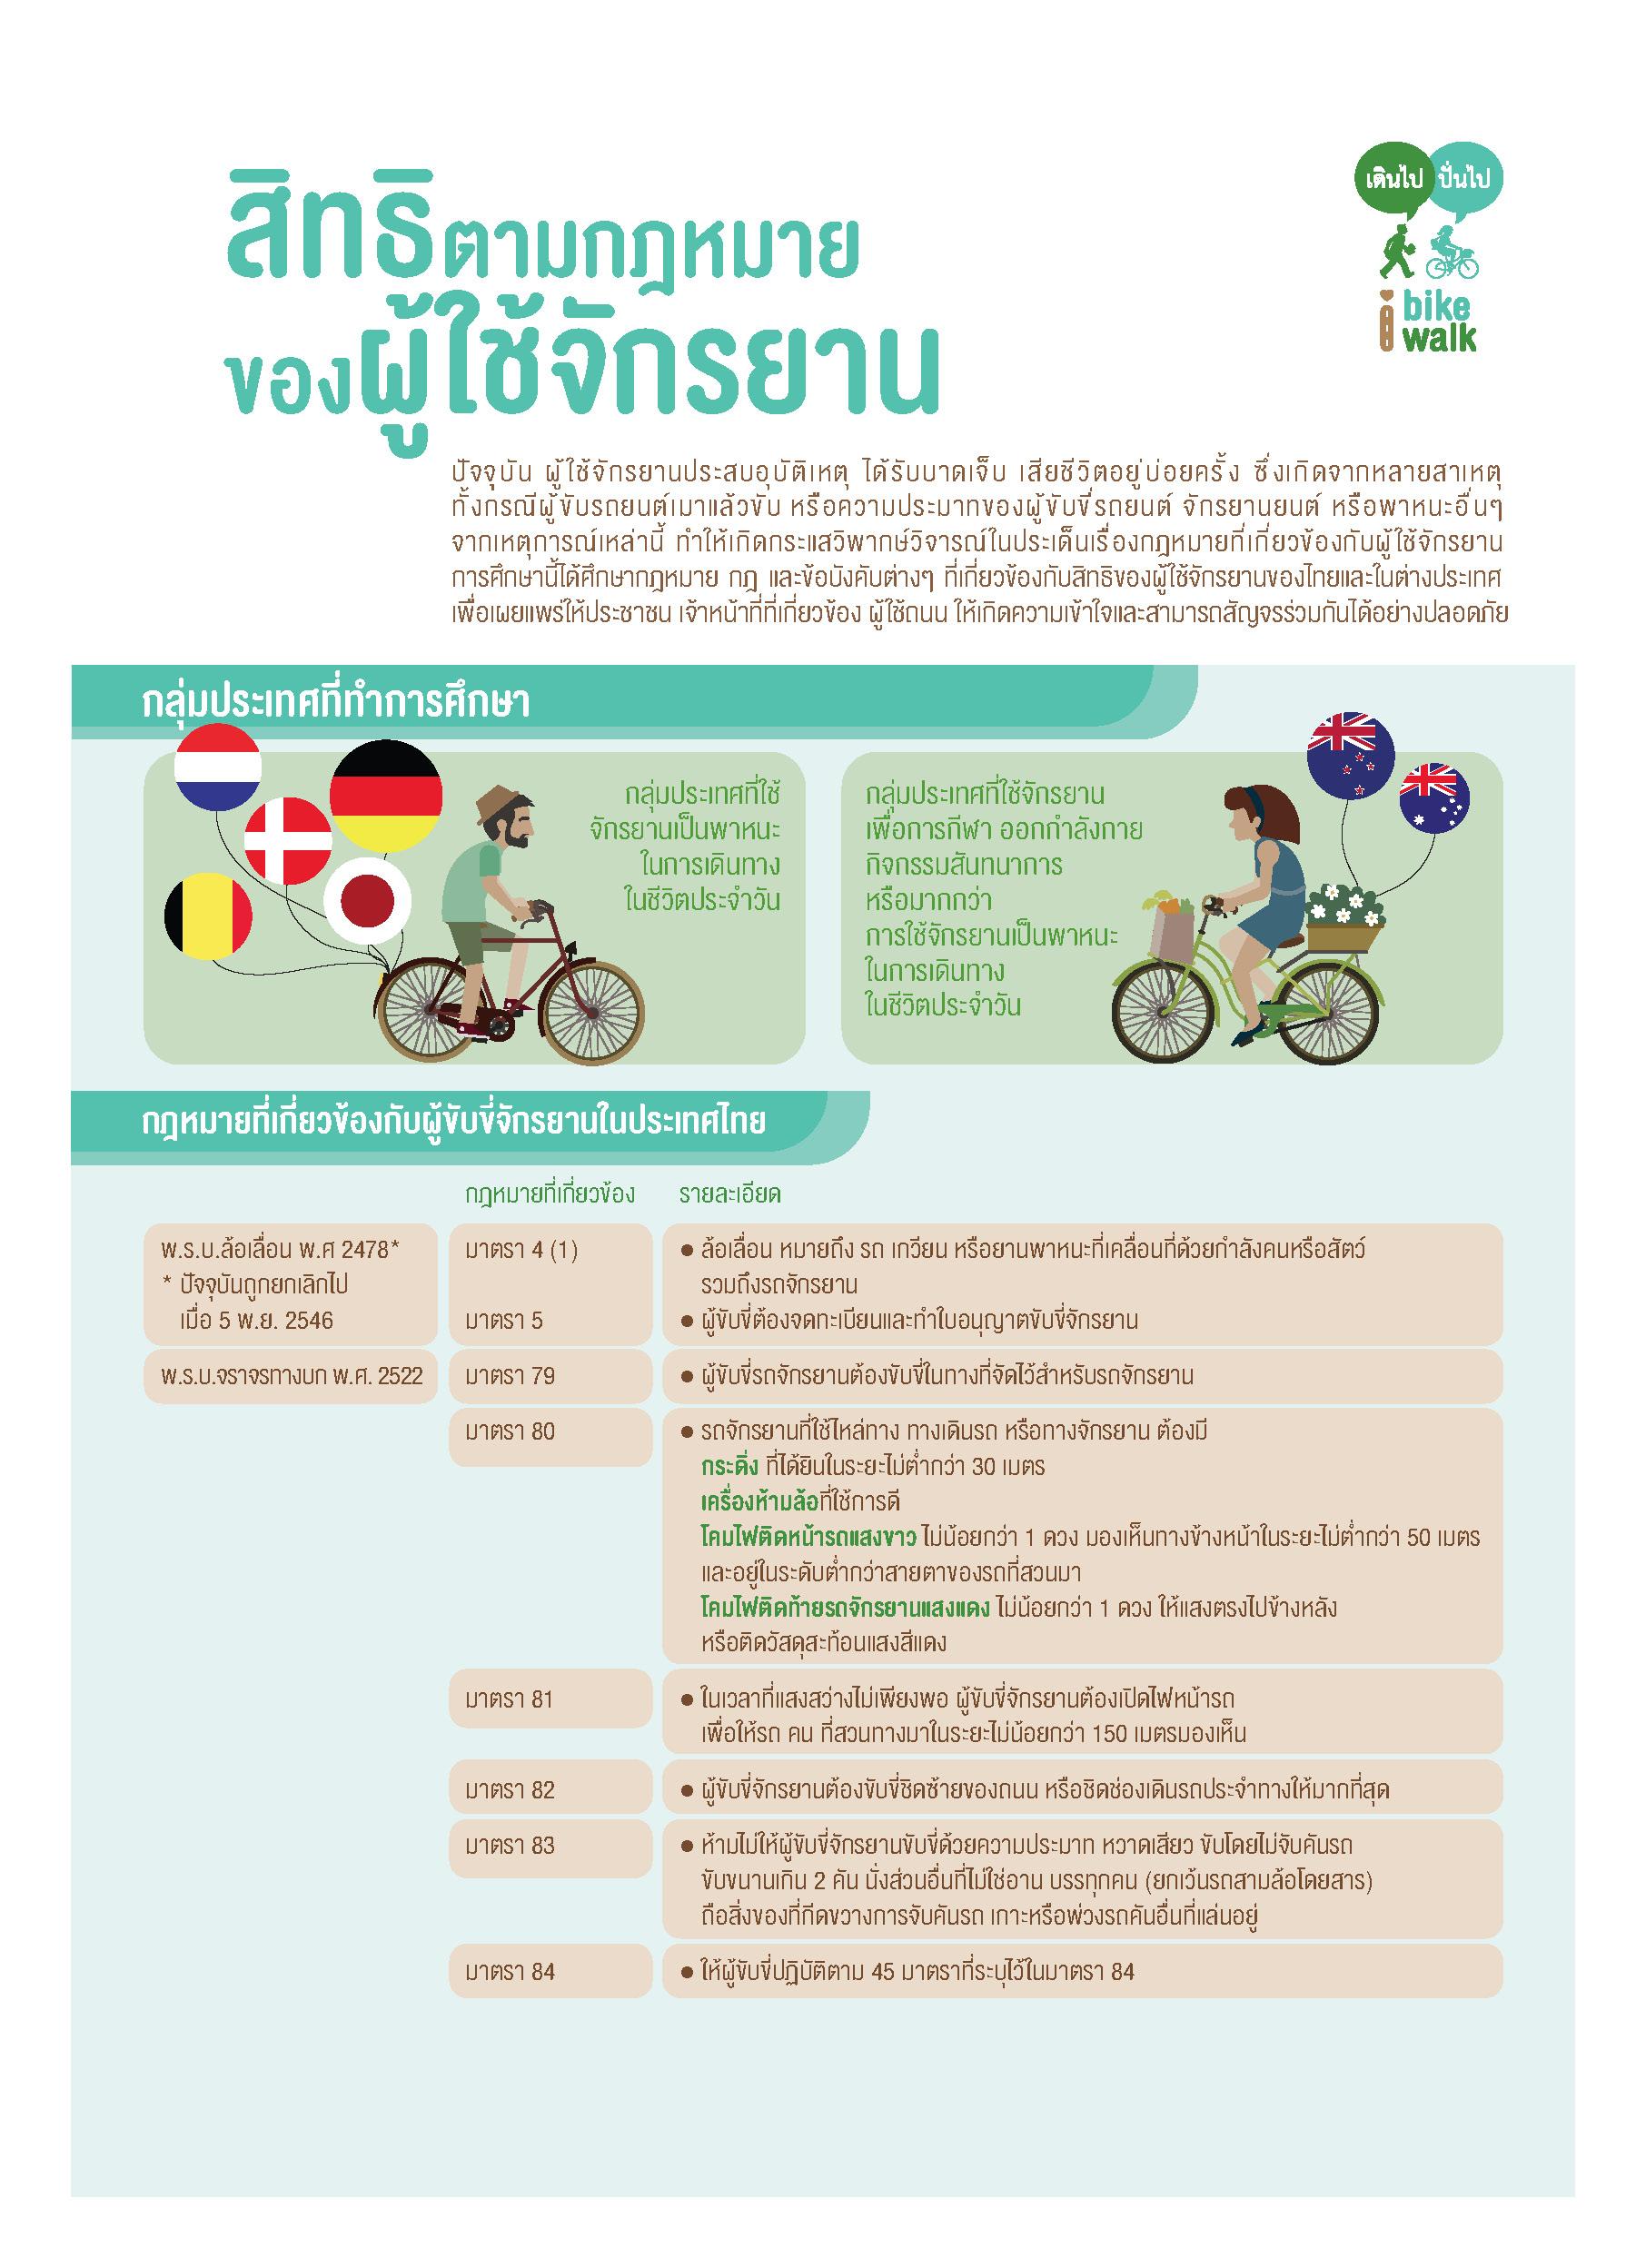 สิทธิตามกฎหมายของผู้ใช้จักรยาน